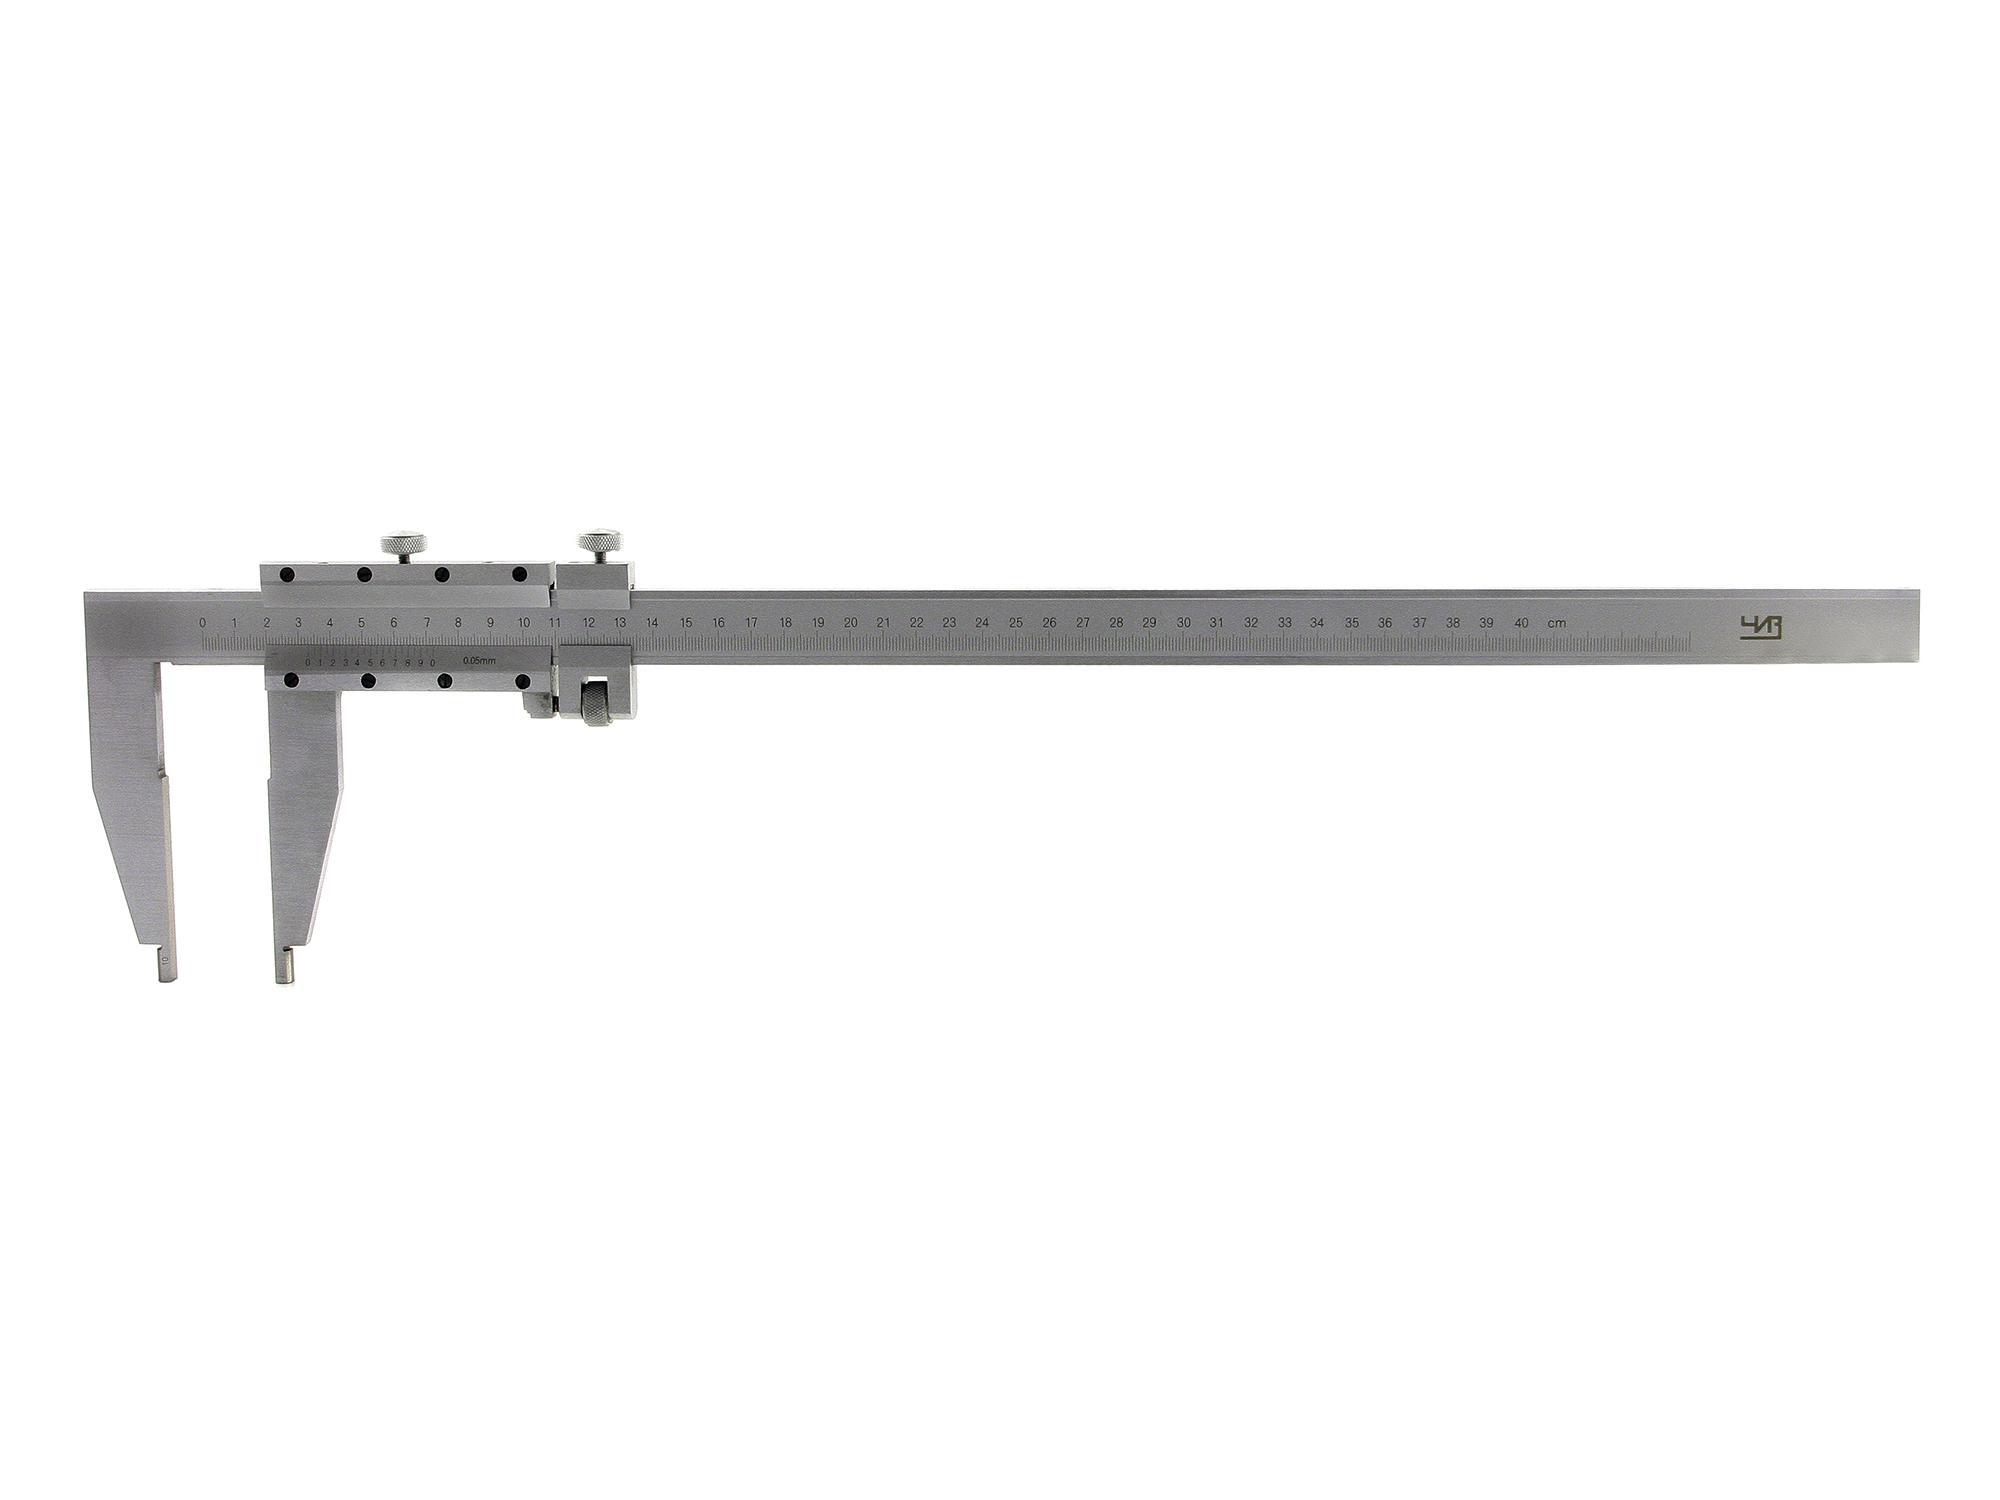 Штангенциркуль ЧИЗ ШЦ-3- 800 0.05 губ.150мм 6 150мм пластиковая линейка раздвижные gauge штангенциркуль ювелирные изделия измерения